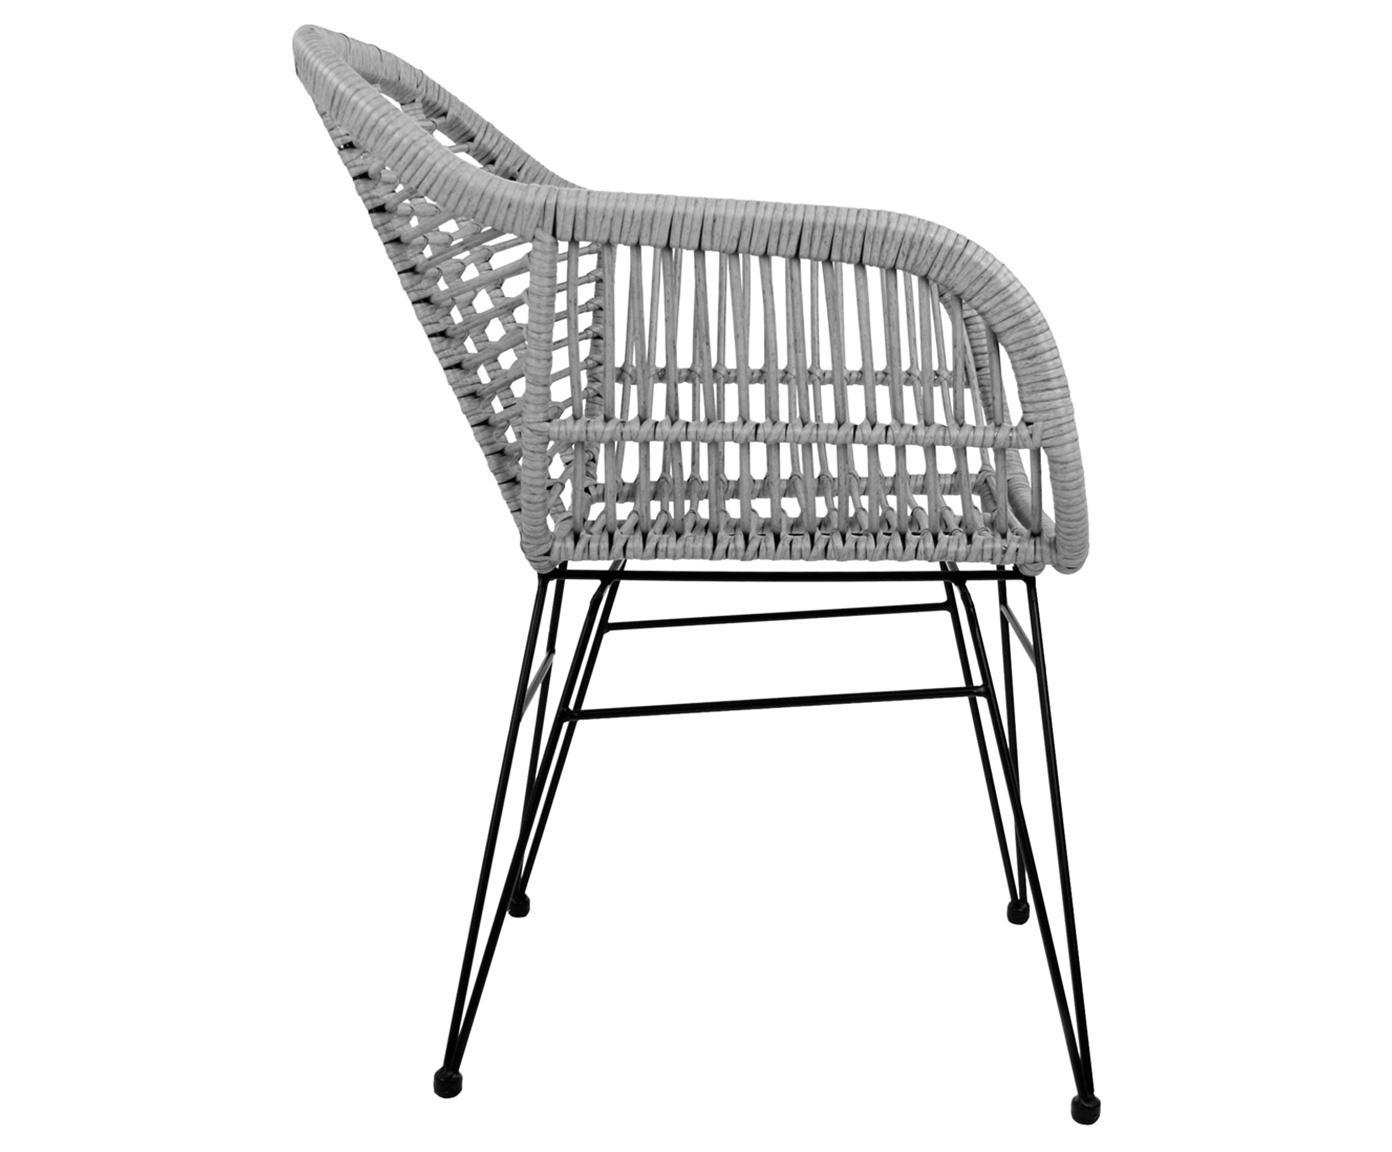 Sillas con reposabrazos Costa, 2uds., Asiento: polietileno, Estructura: metal con pintura en polv, Gris, negro, An 60 x F 58 cm